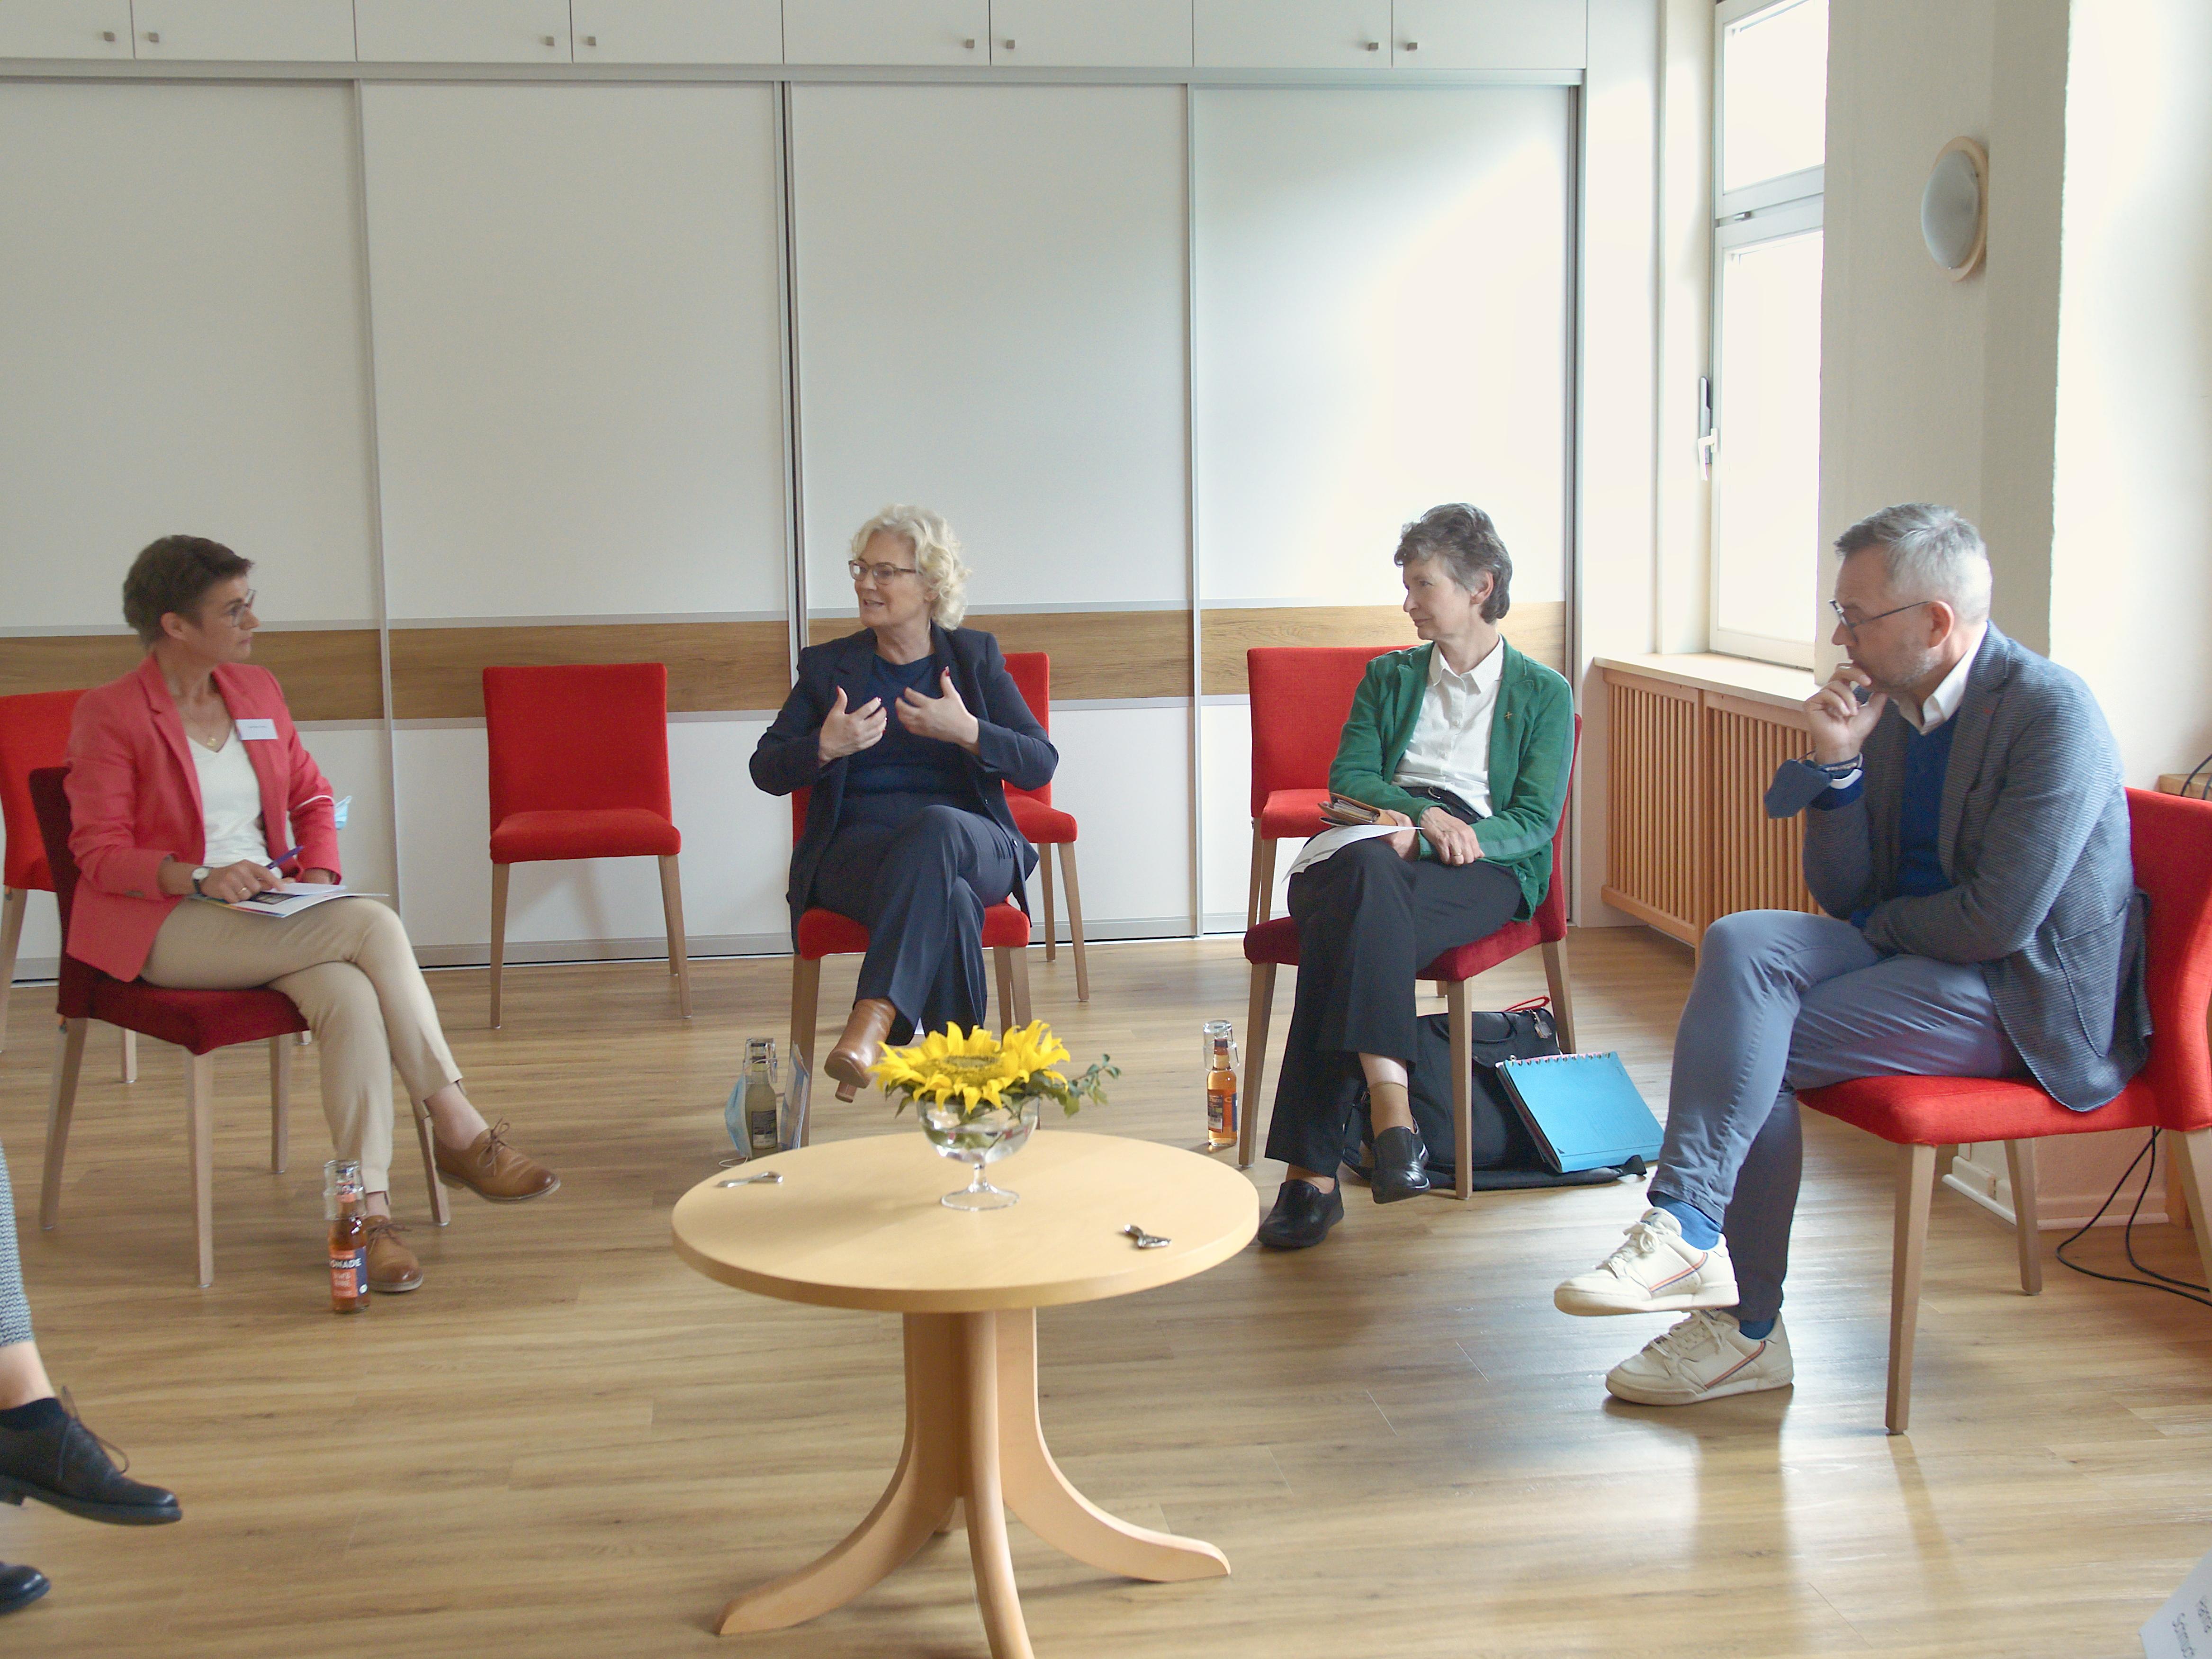 Bundesfamilienministerin Christine Lambrecht im Gespräch mit Vertreterinnen und Vertretern des Mehrgenerationenhauses Werra-Meißner